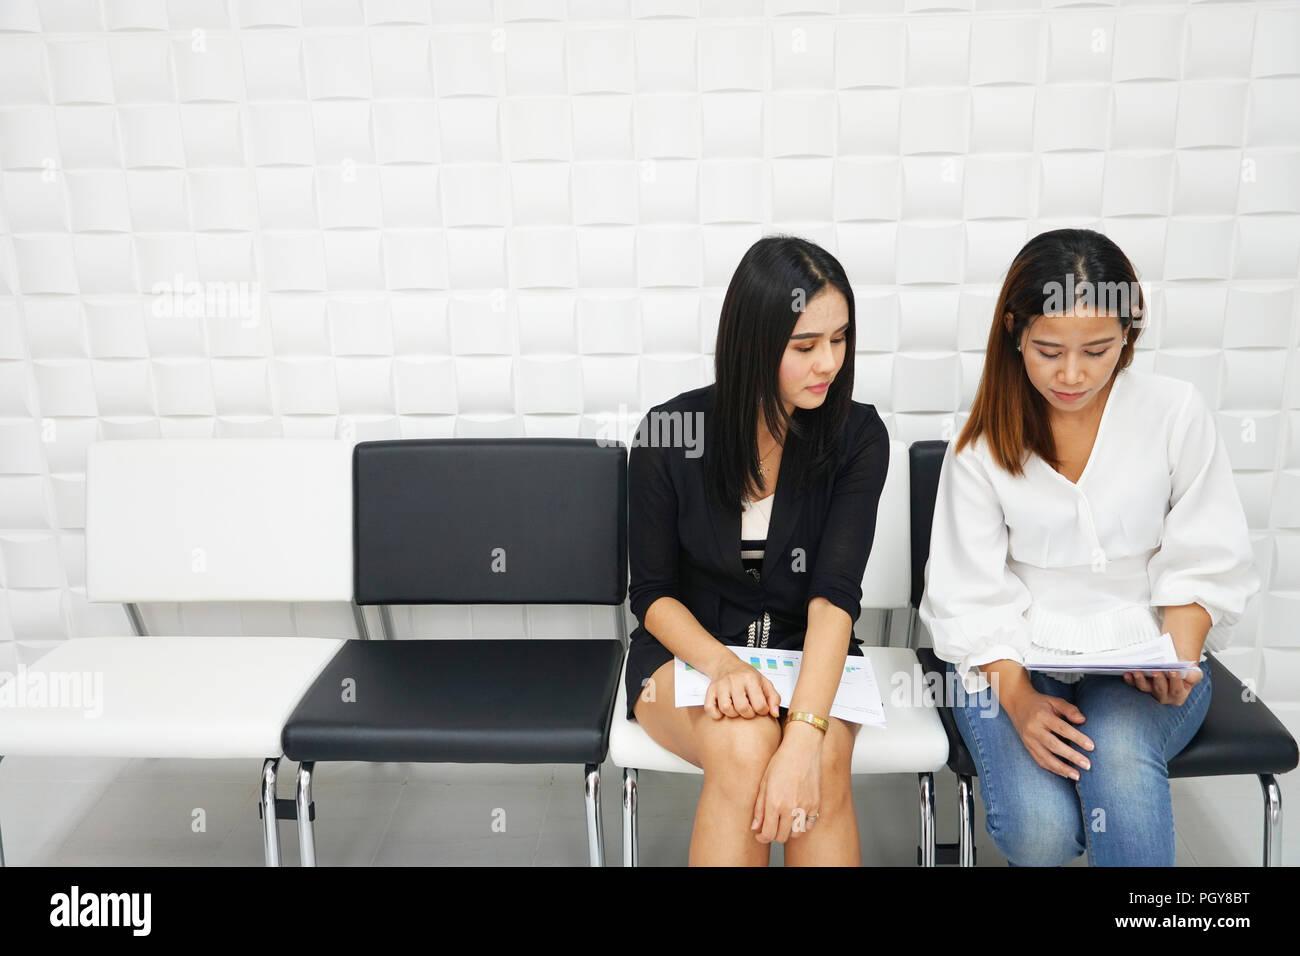 Zwei Frauen Warten, Warten auf ein Interview. Stockbild